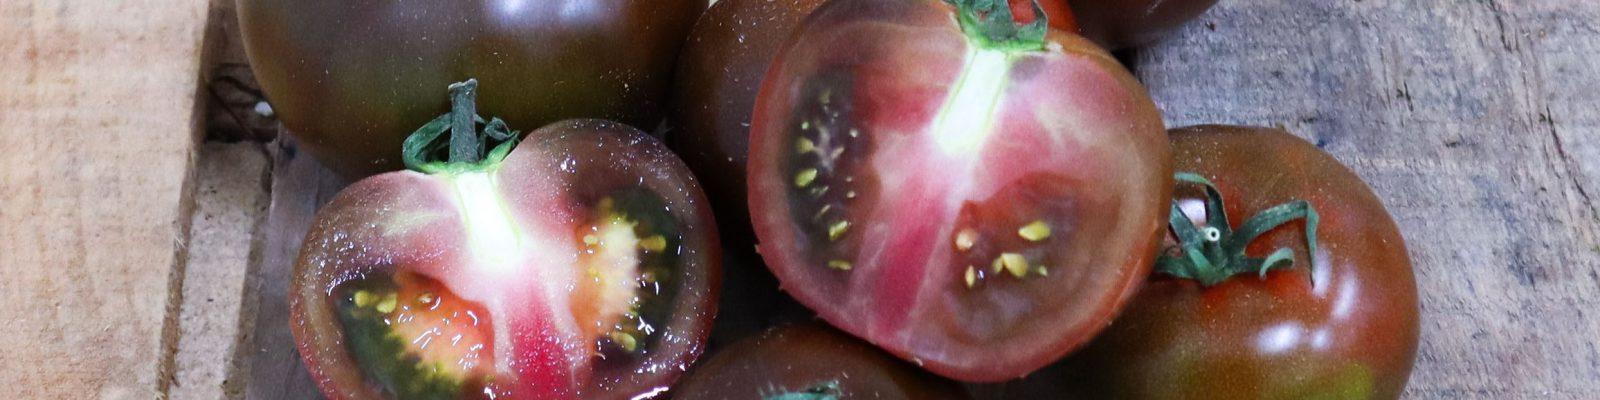 Livraison légumes bio Nantes